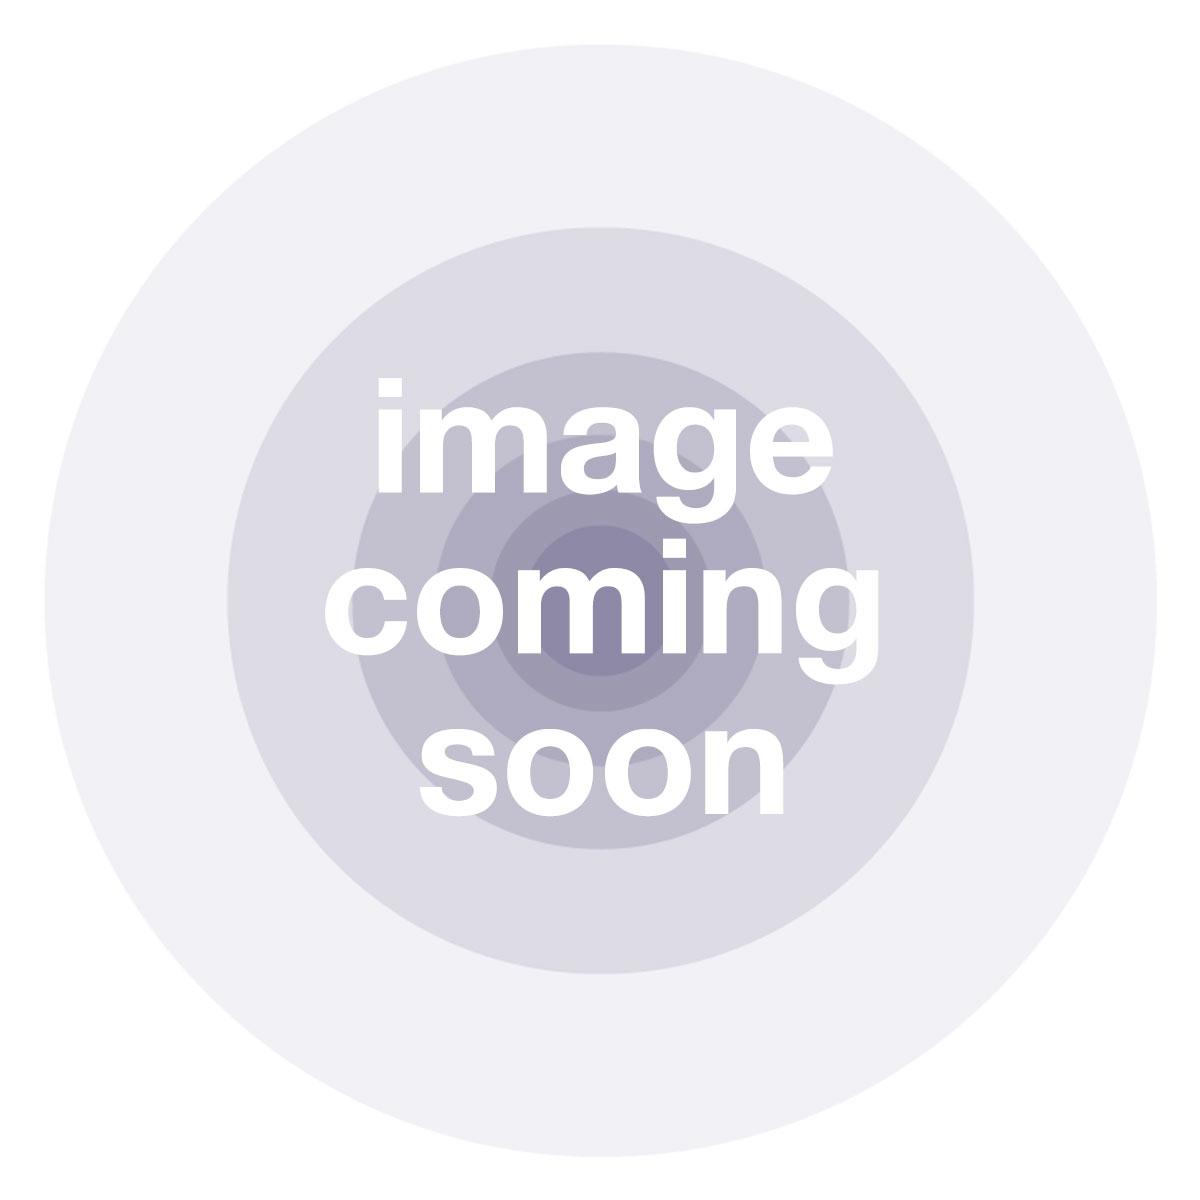 LaCie 2big Quadra USB 3.0 Hard Drive 8TB